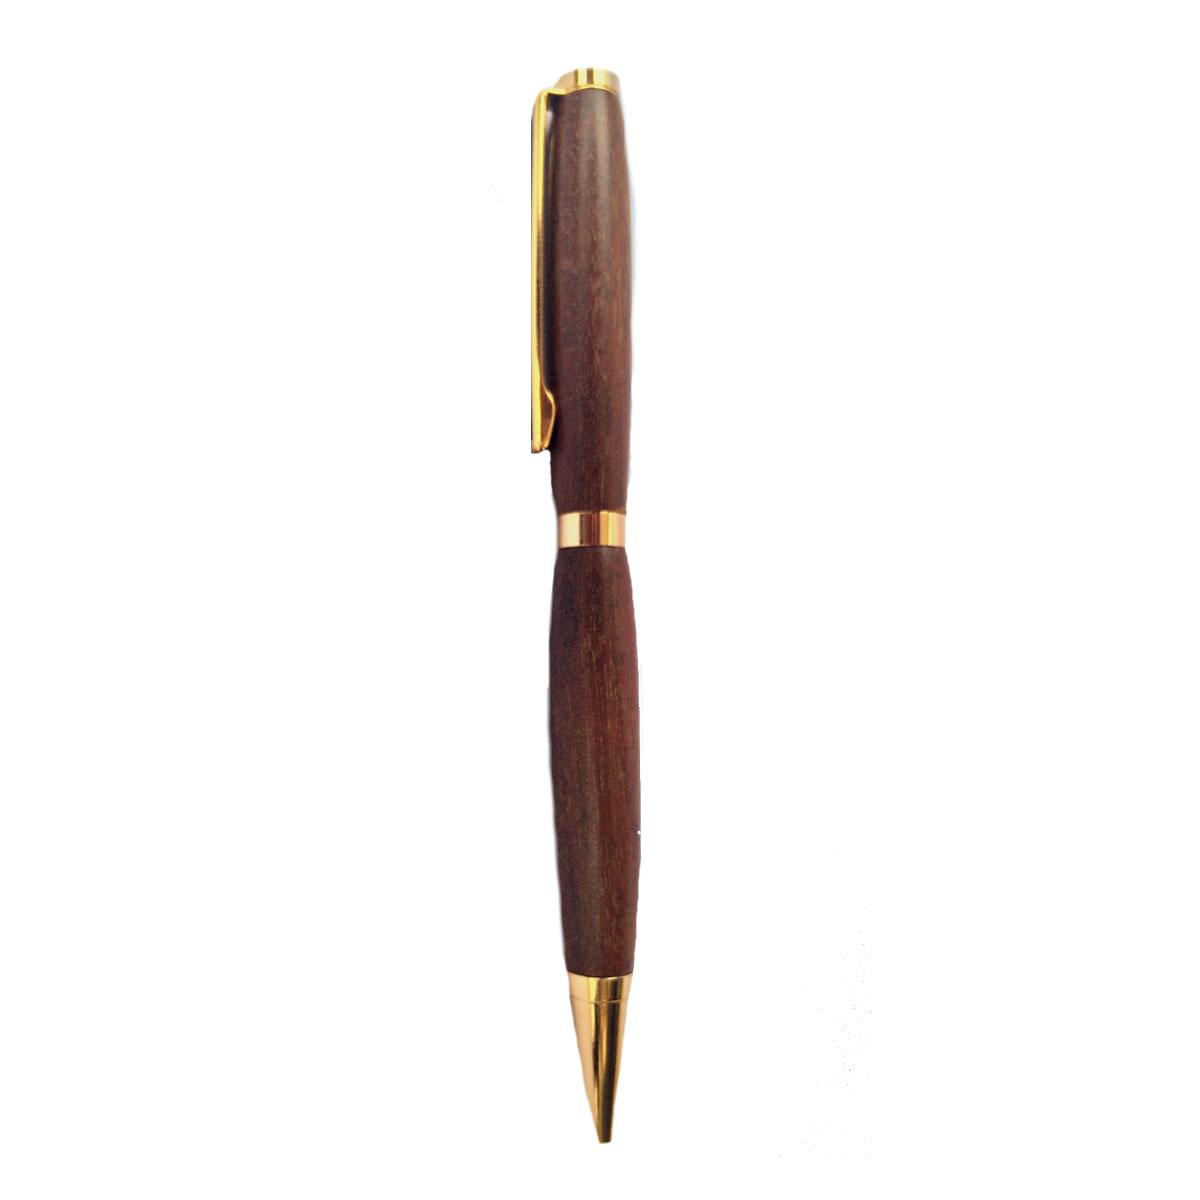 Groenhart Slimline pen